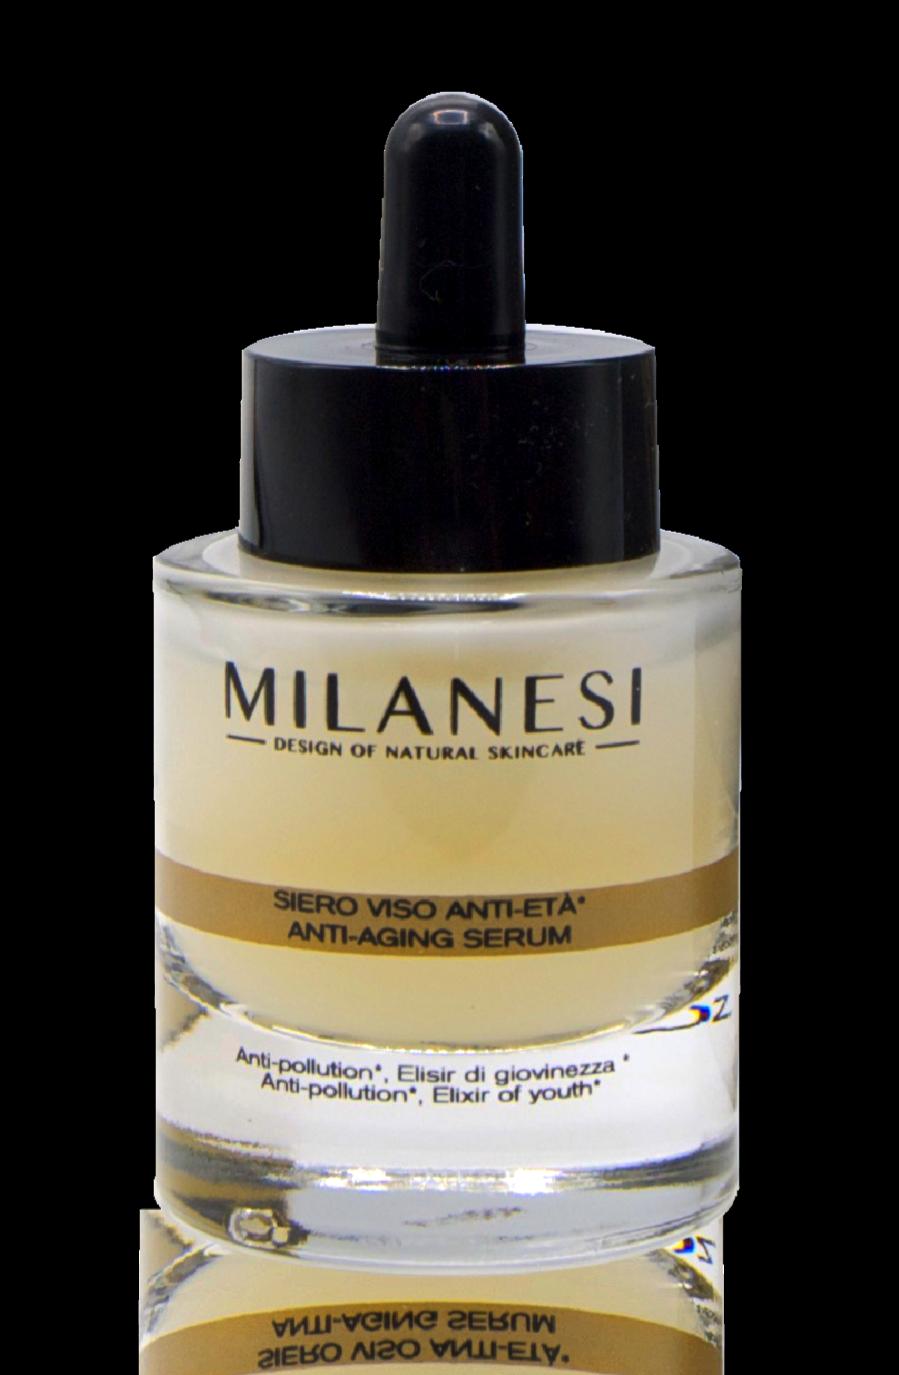 Il siero viso anti-età montenapoleone è un vero elisir di giovinezza, grazie al suo alto contenuto di ingredienti antiossidanti